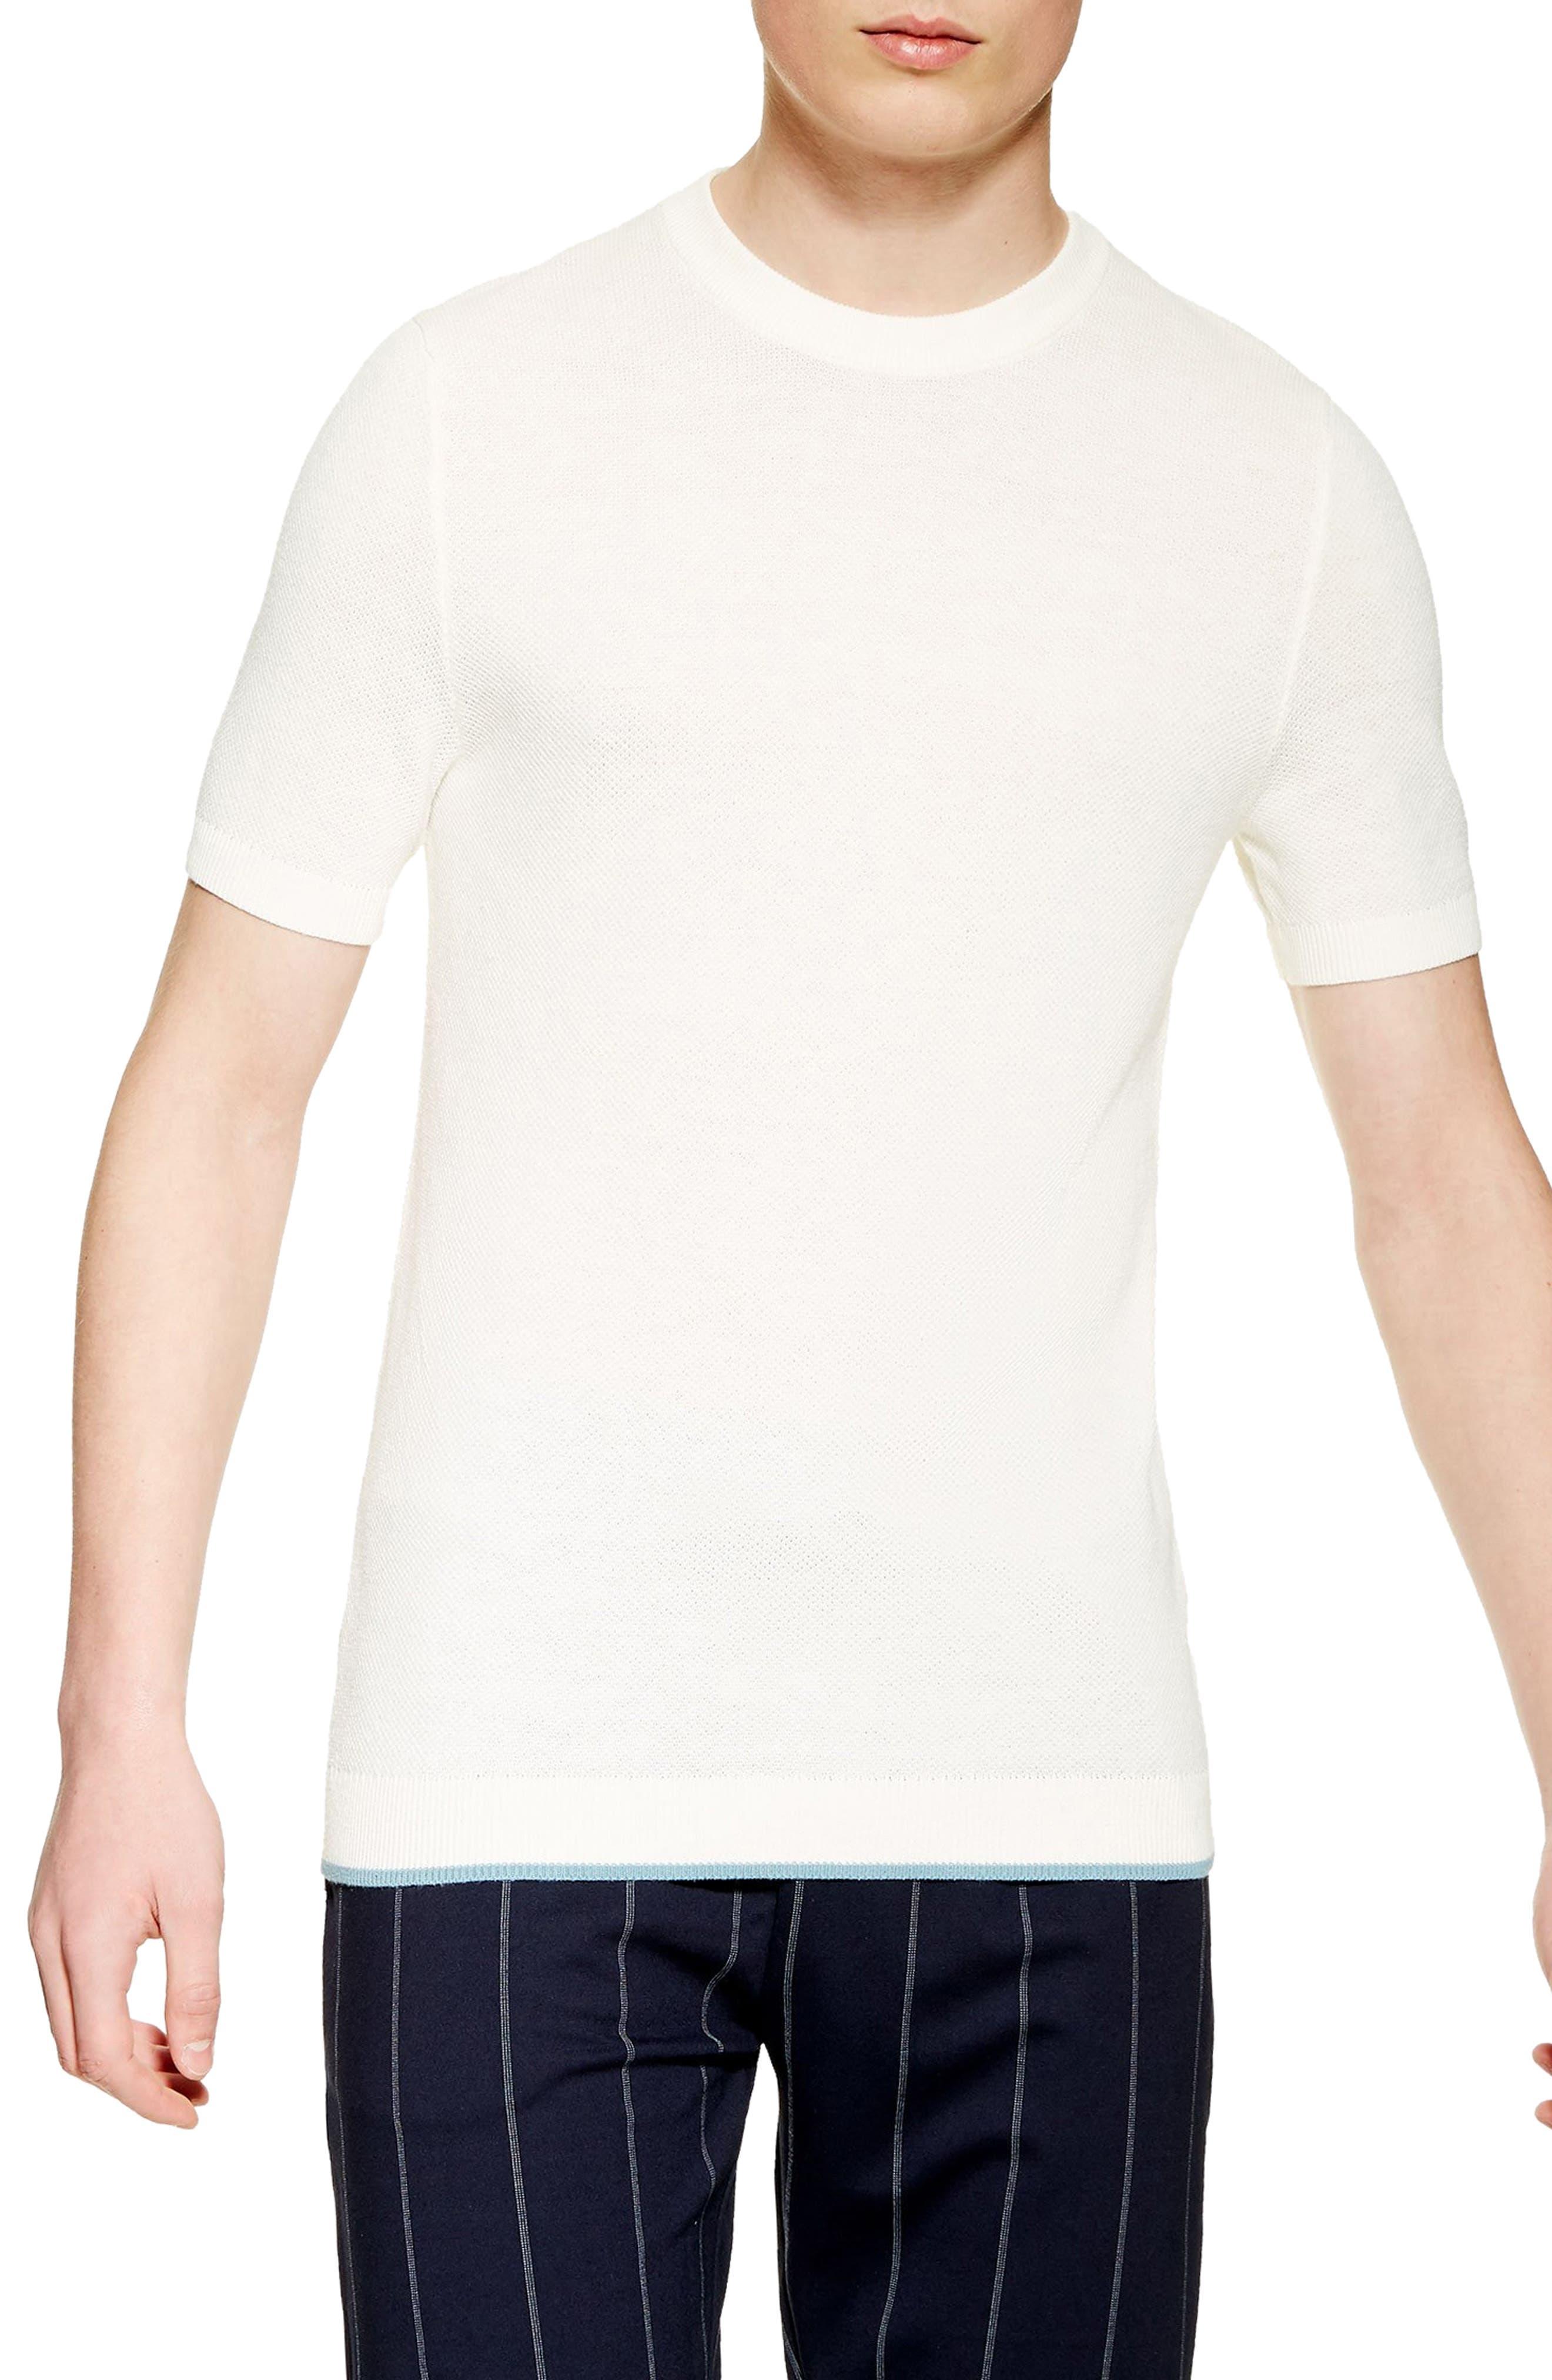 Piqué Knit Sweater T-Shirt, Main, color, WHITE